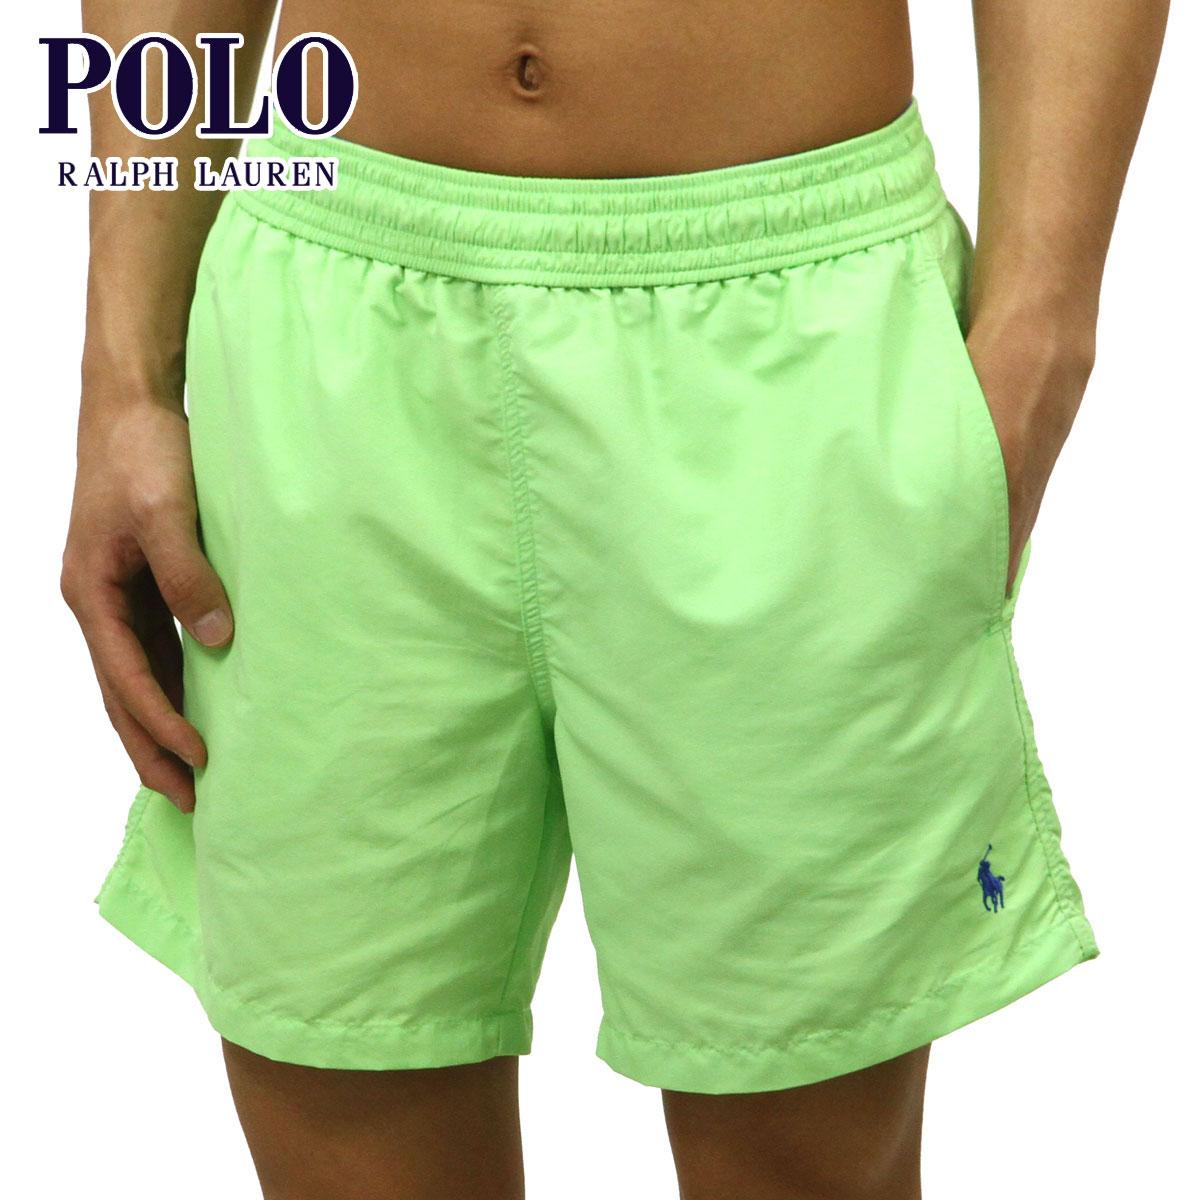 Polo Ralph Lauren Swimming Swim Underwear Article Regular Trunk Men iPXkuZ